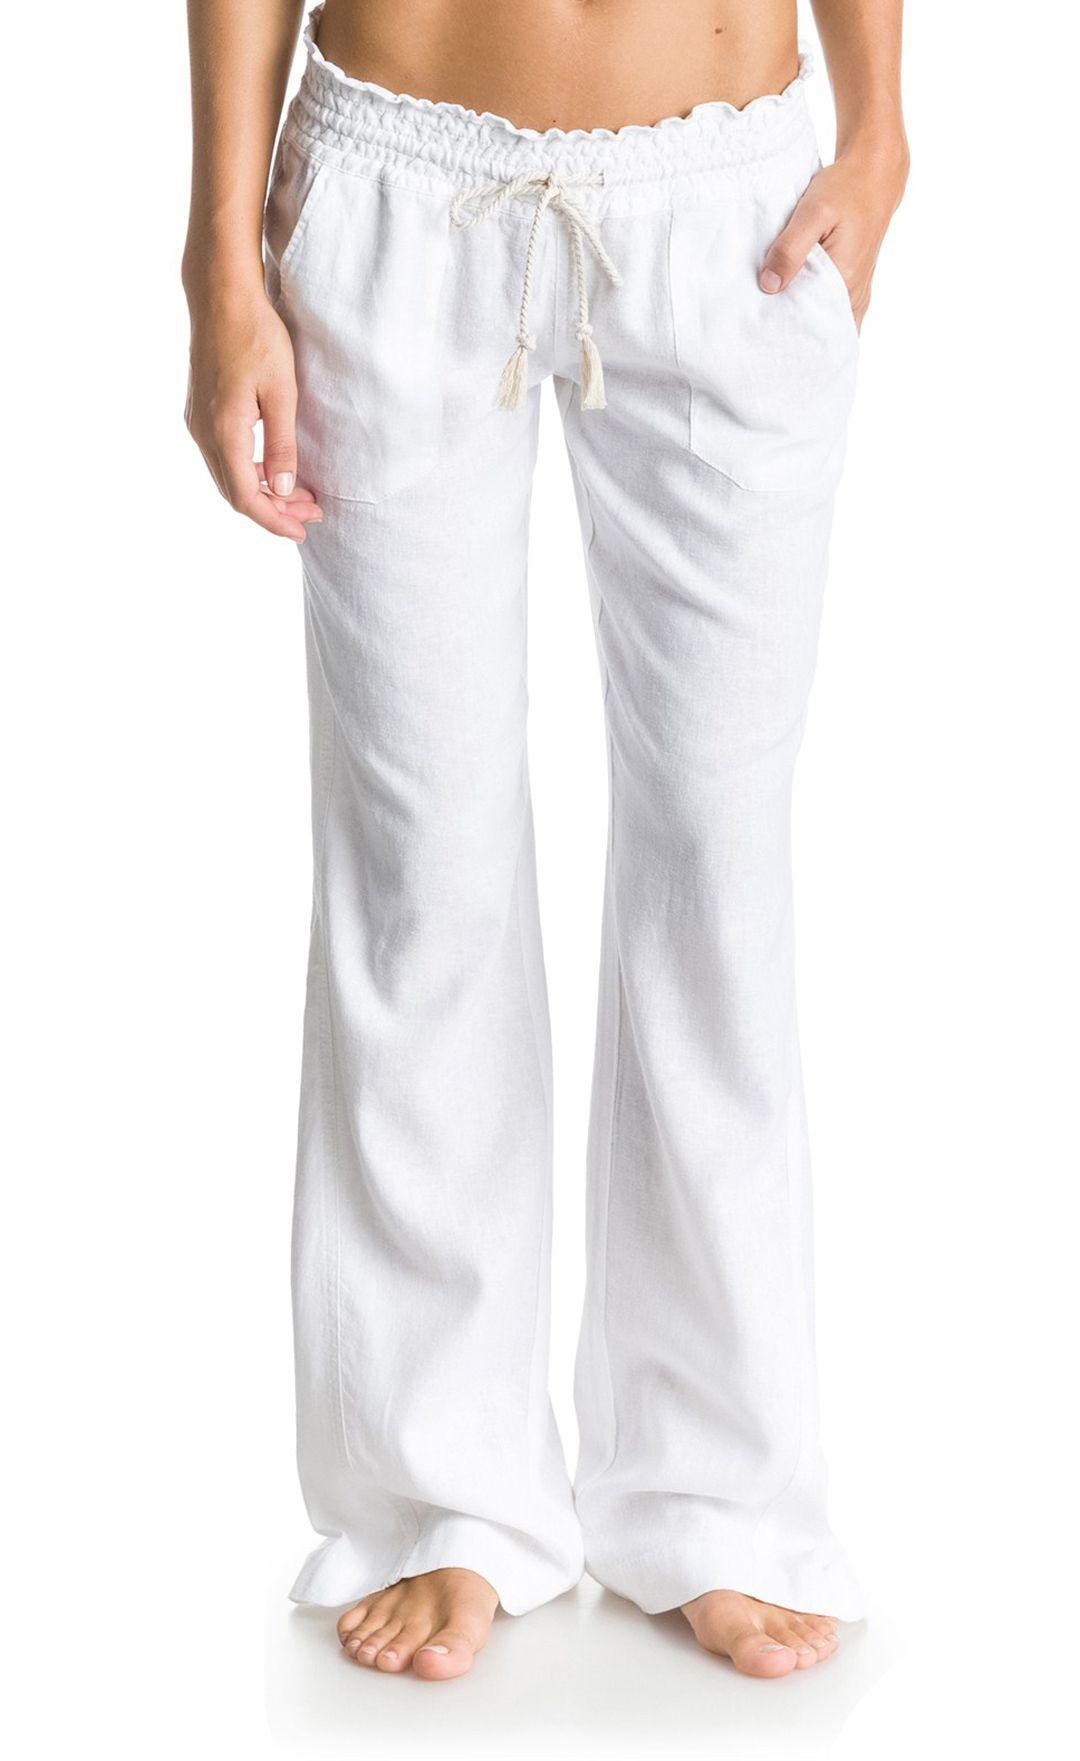 80316b3587 Roxy Women's Ocean Side Pants | DICK'S Sporting Goods